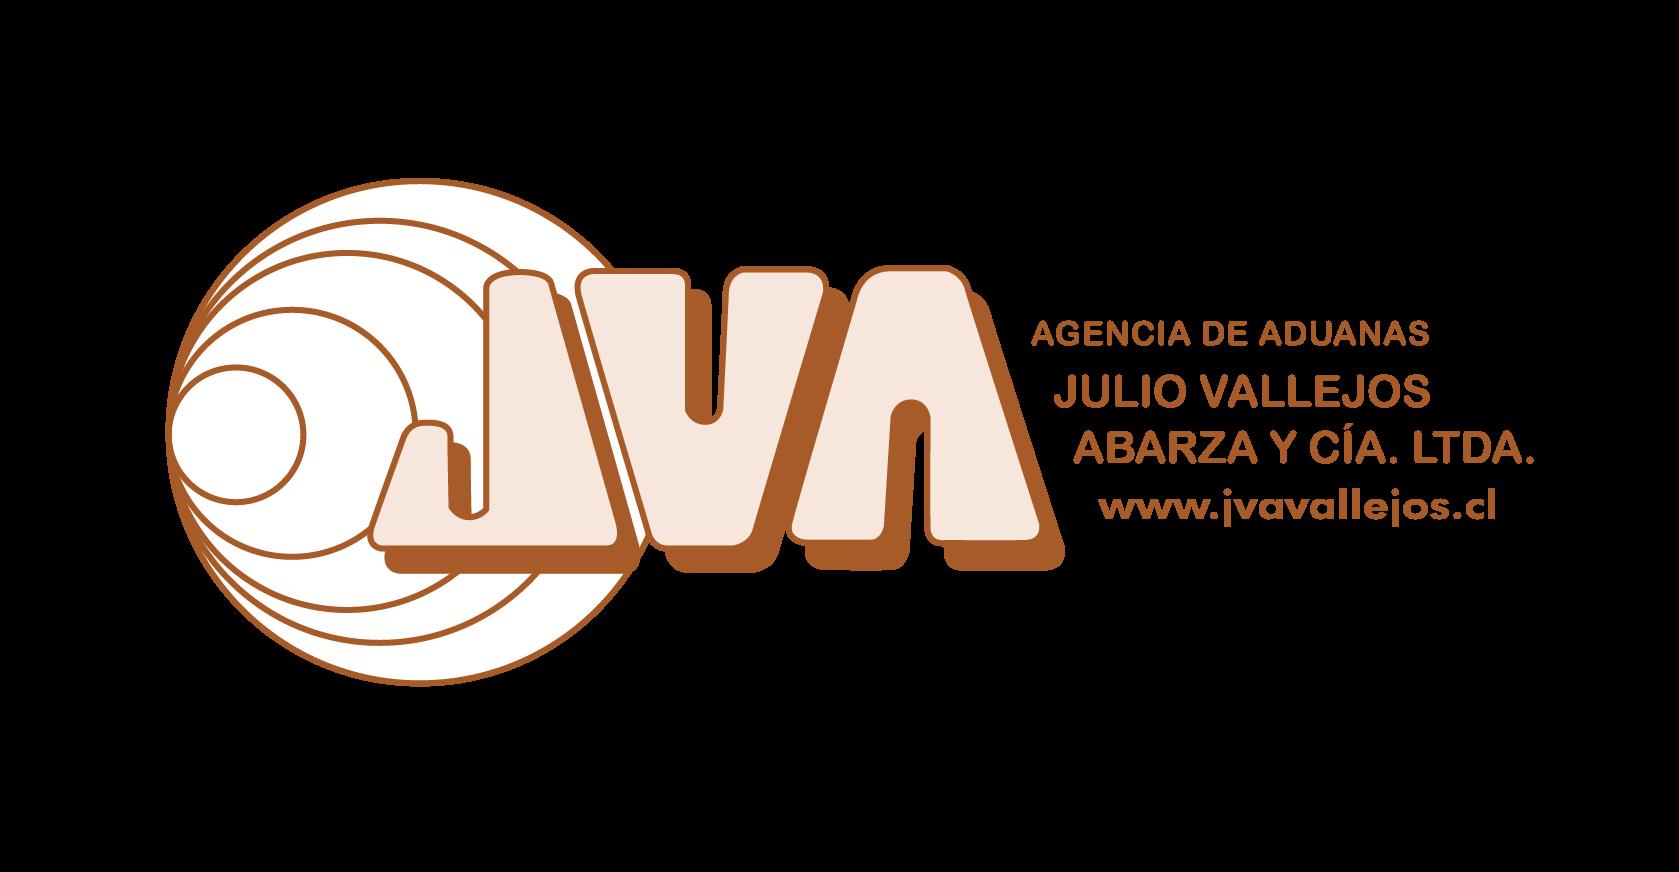 Agencia de Aduanas Julio Vallejos